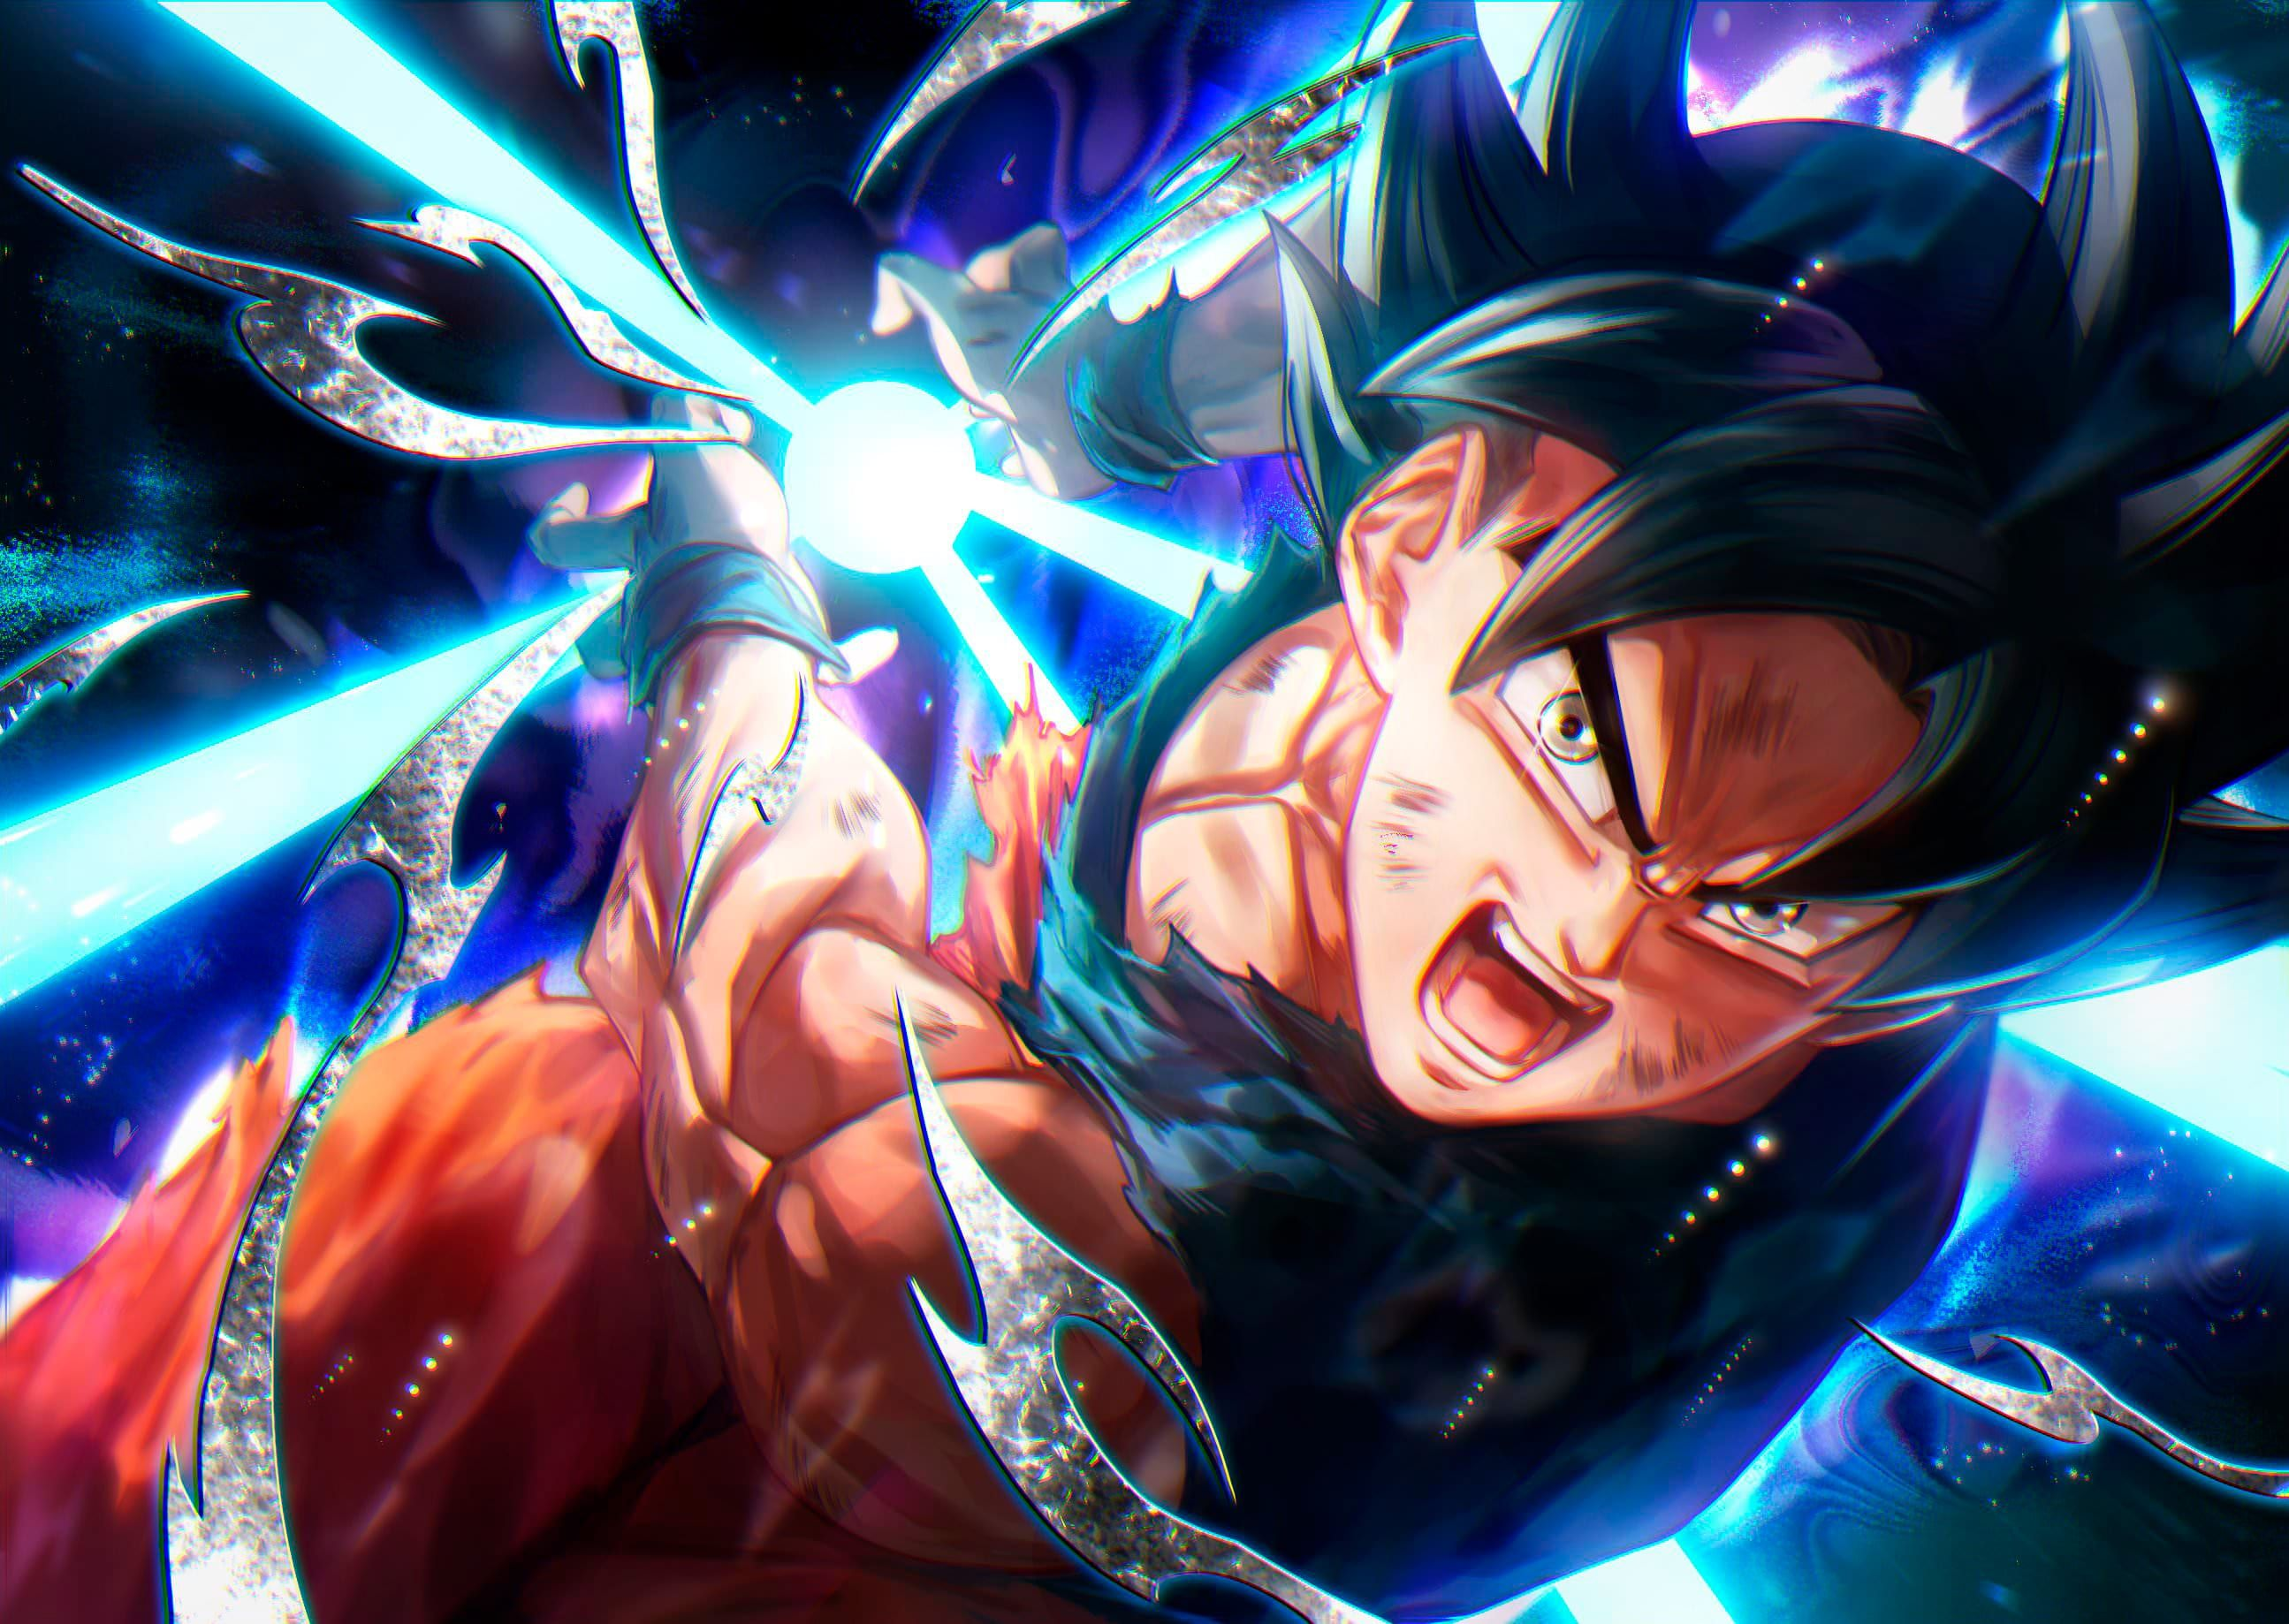 Cool Pics Of Goku